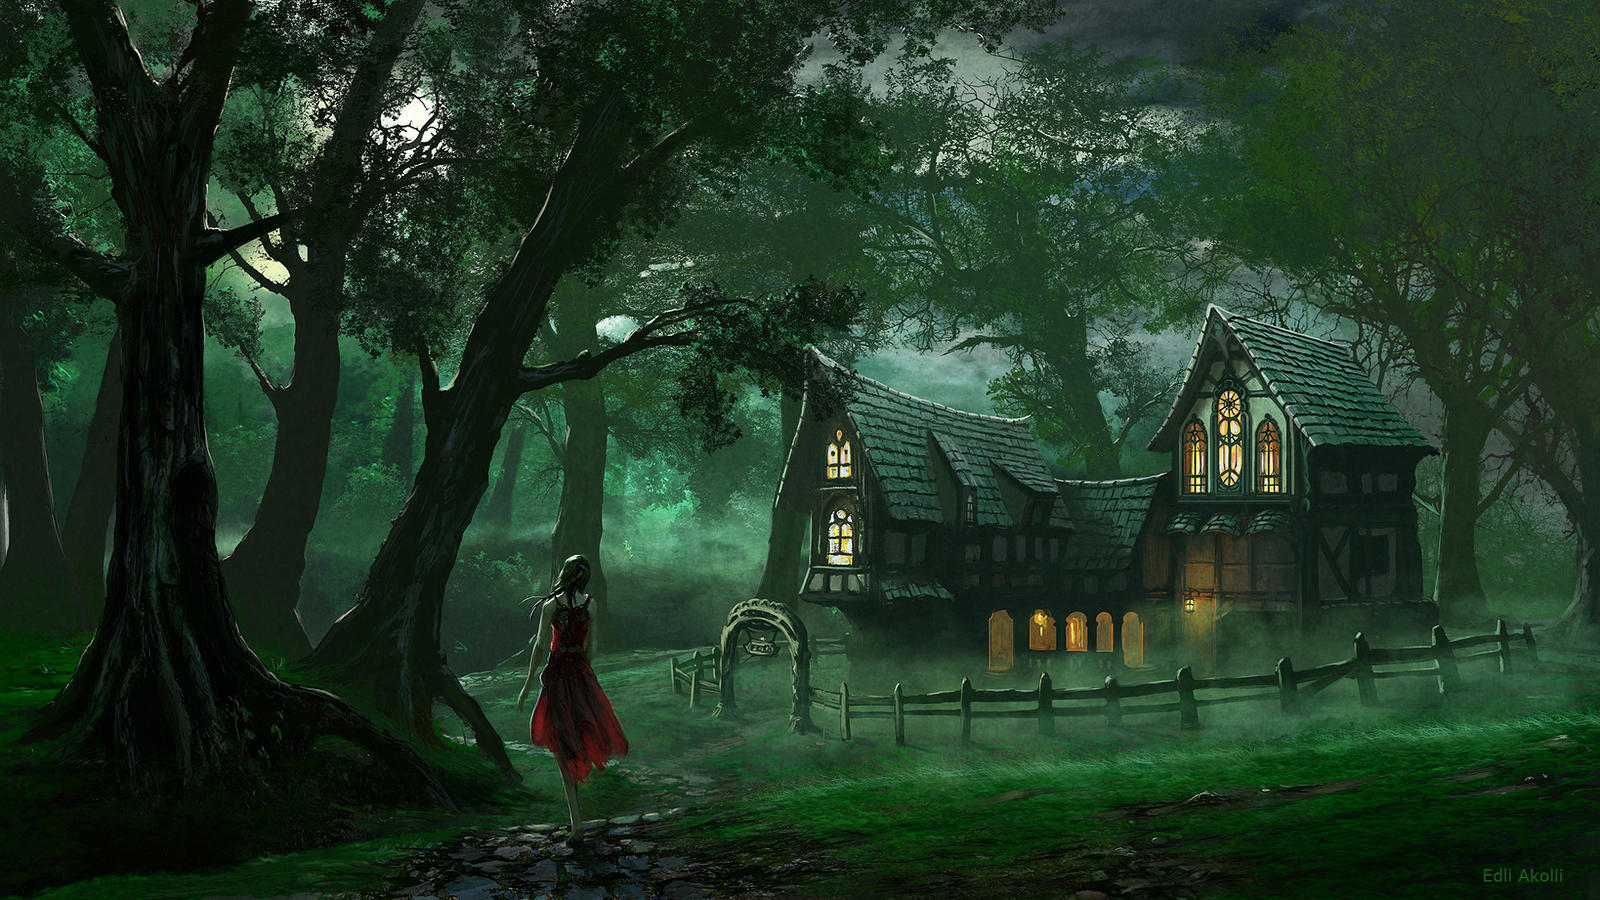 The Inn by Edli on DeviantArt